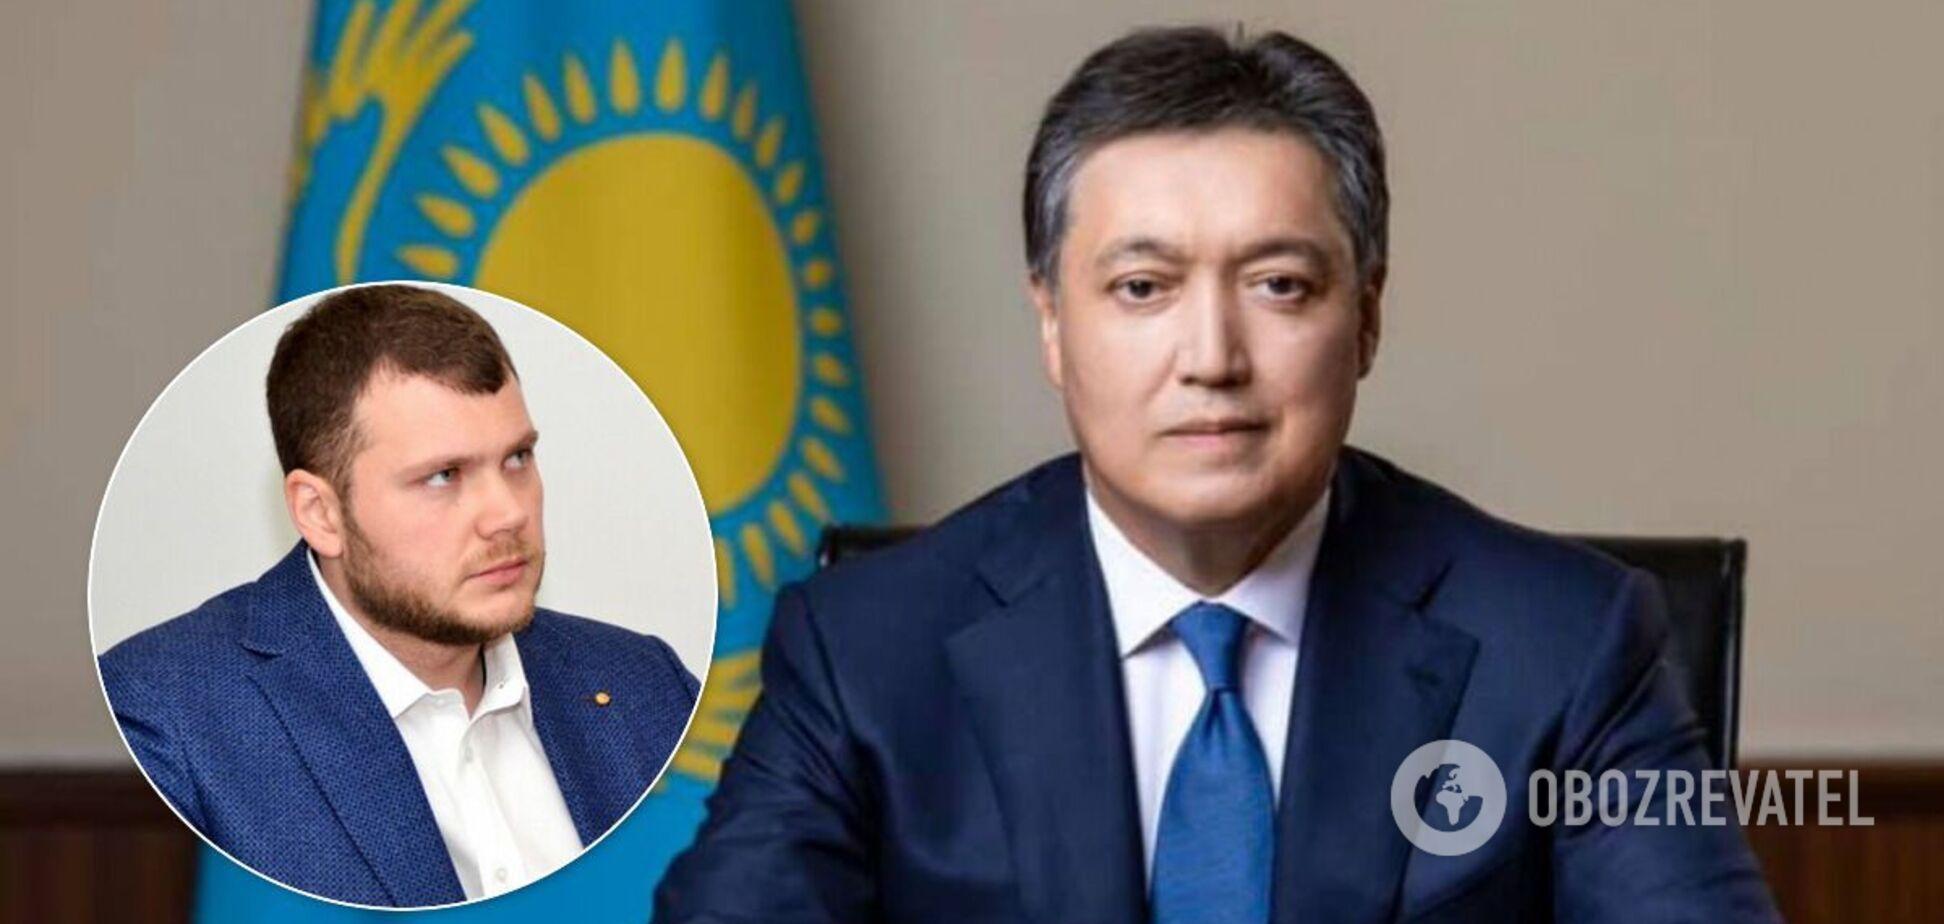 Прем'єр Казахстану не зустрівся з Криклієм через прострочені ПЛР-тести